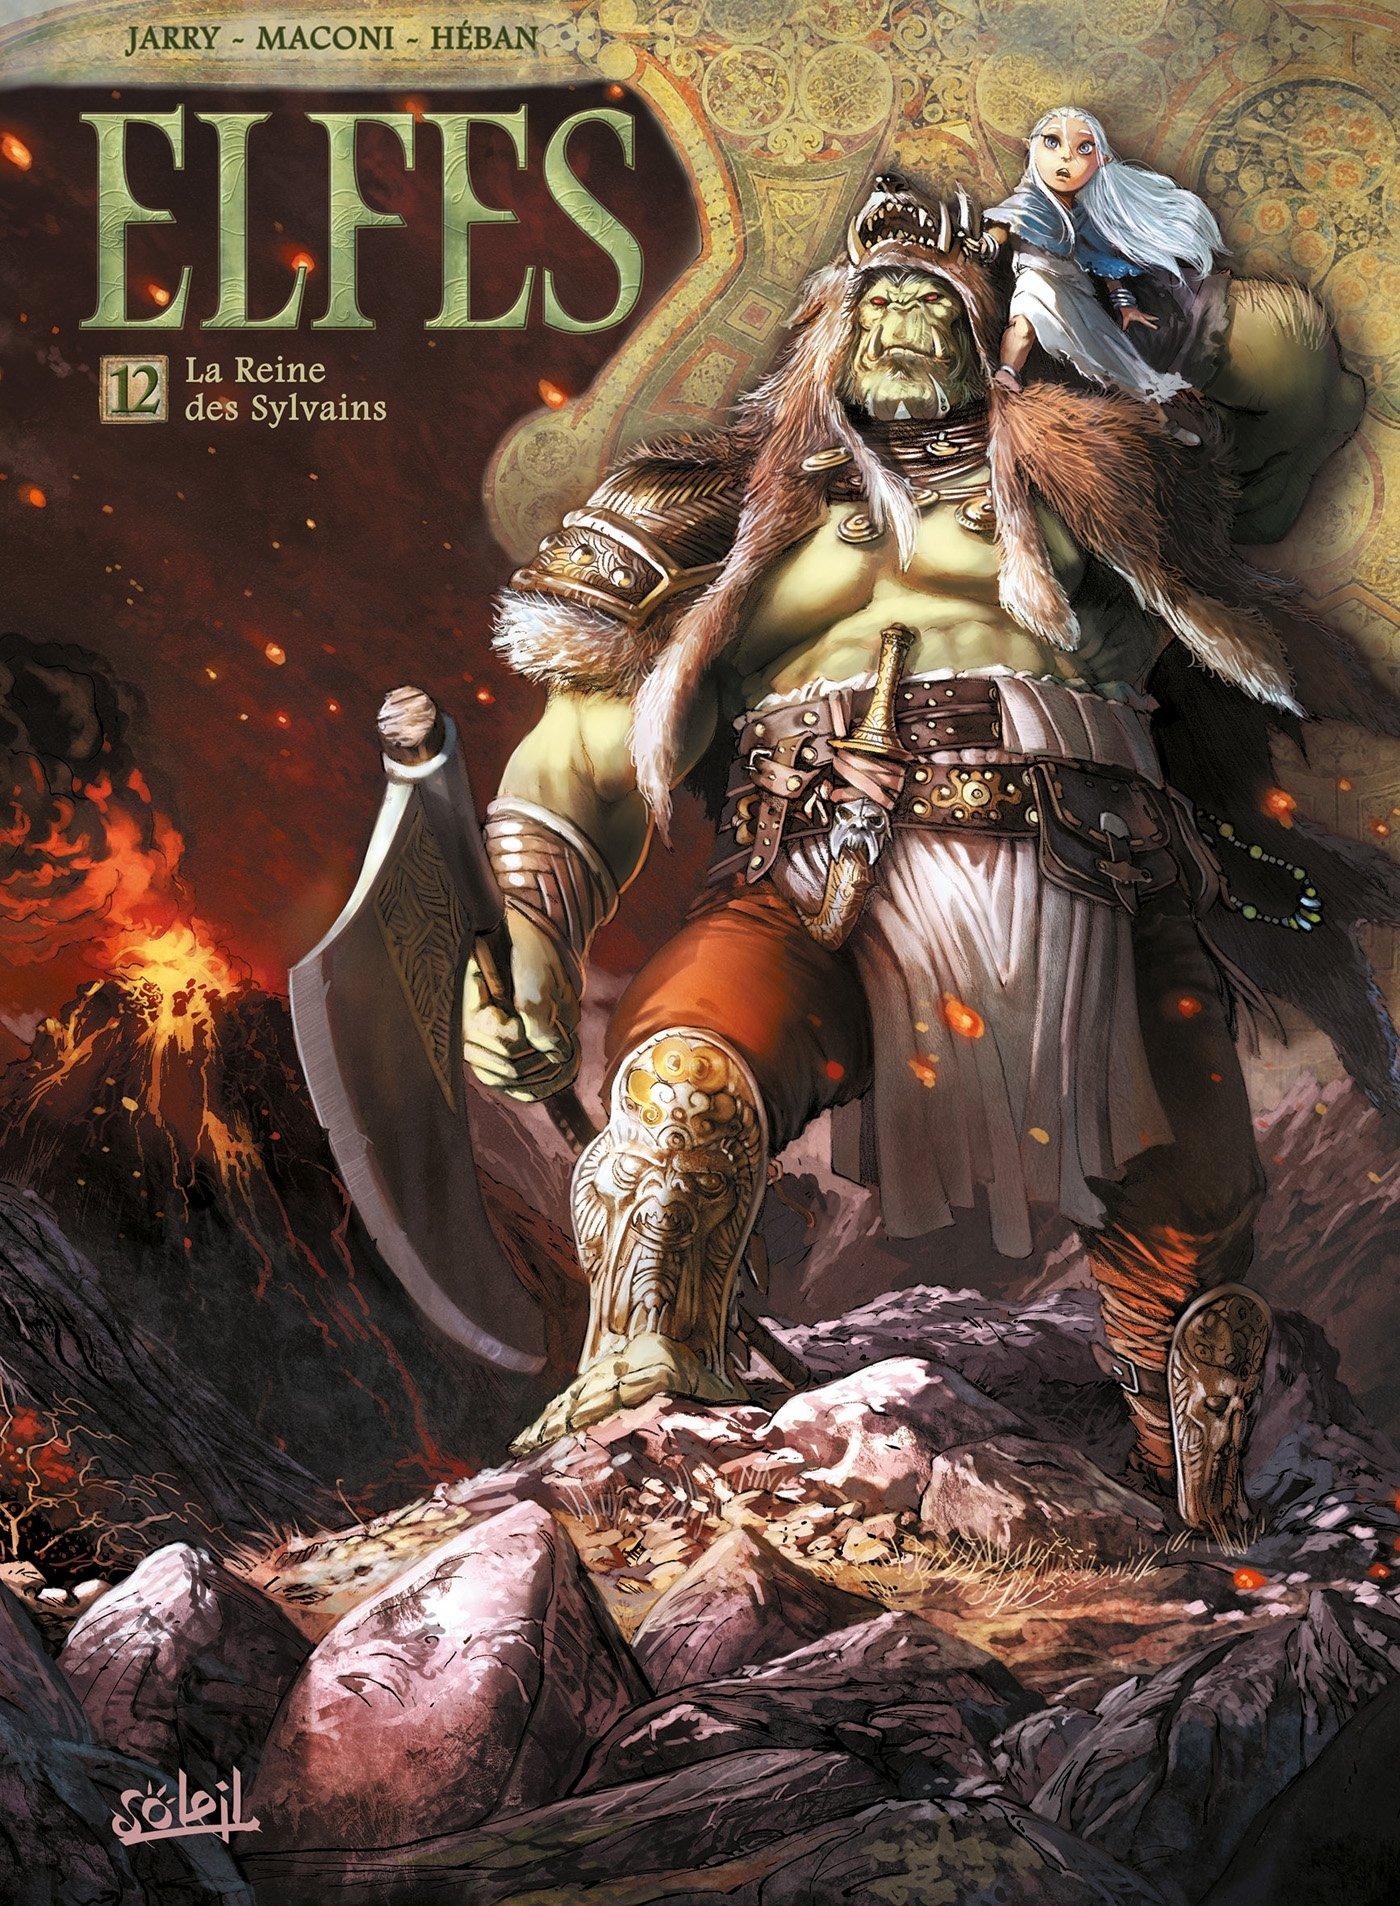 Elfes 12 - La Reine des Sylvains